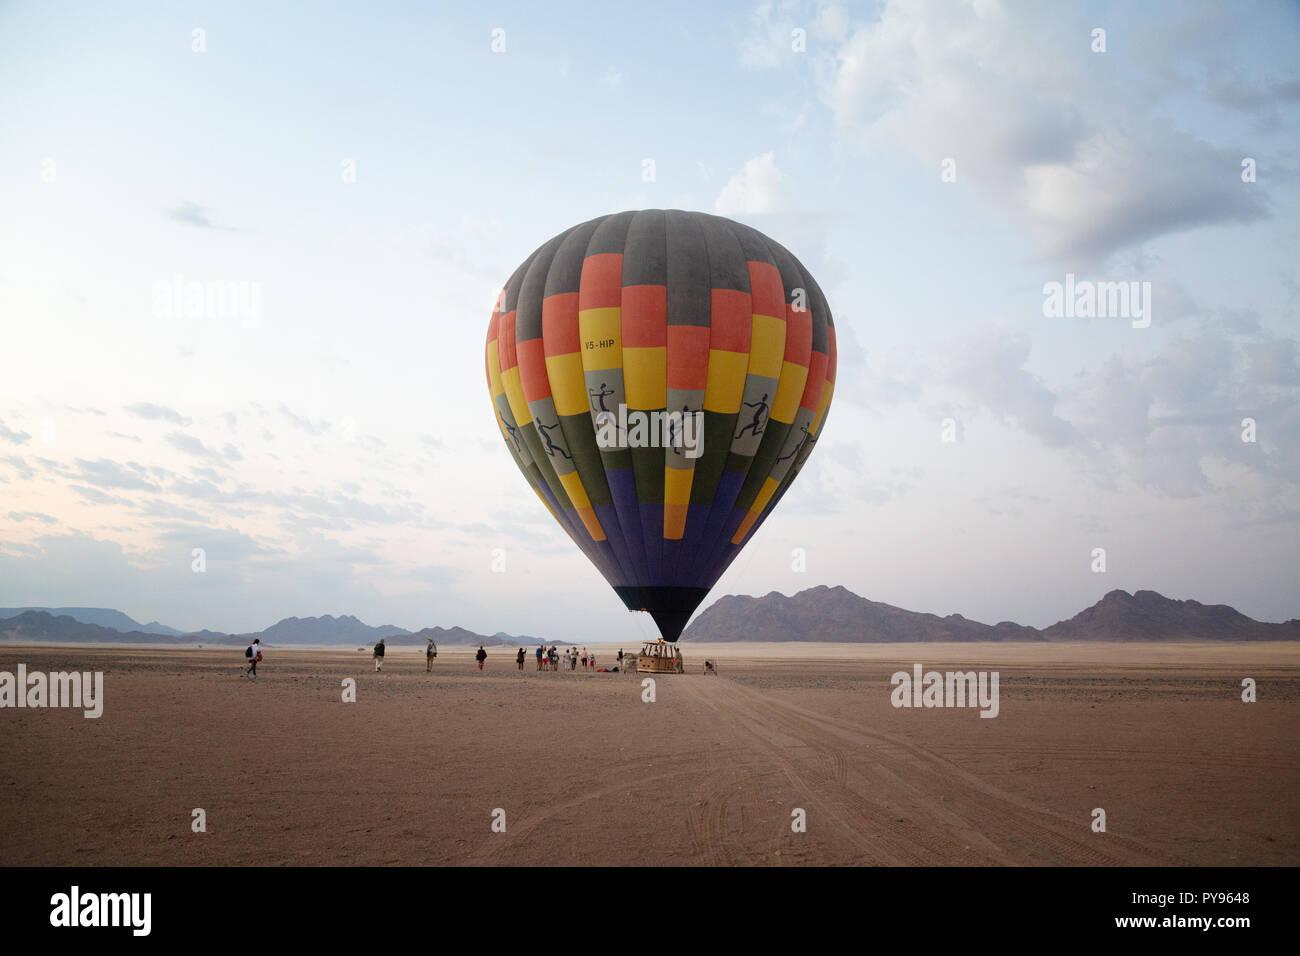 Tourisme Afrique; balade en montgolfière pour les touristes au lever du soleil, le désert du Namib à Sossusvlei, Namibie, Afrique du Sud Photo Stock